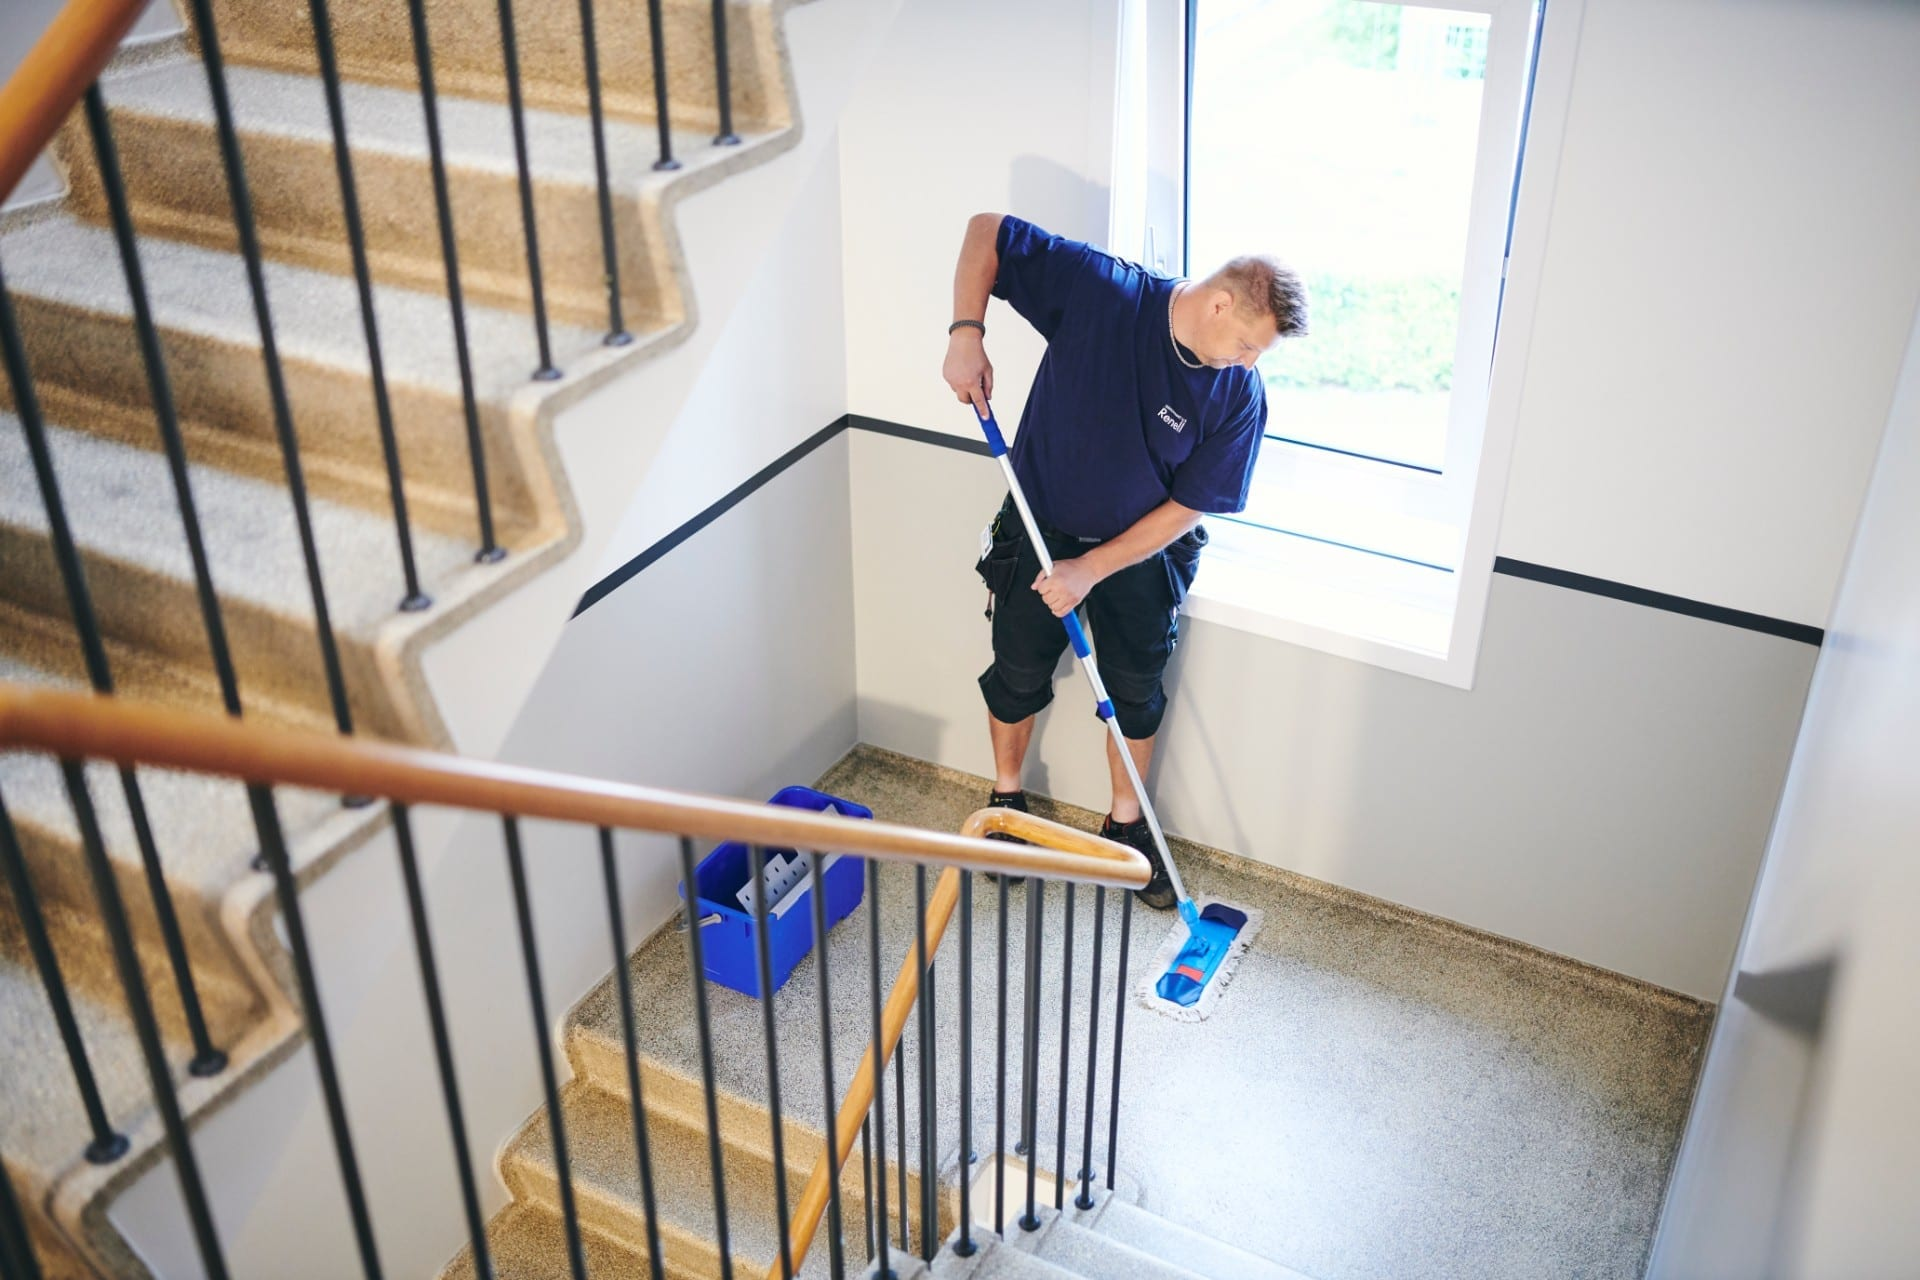 Renell-medarbejder vasker gulv i trappeopgang